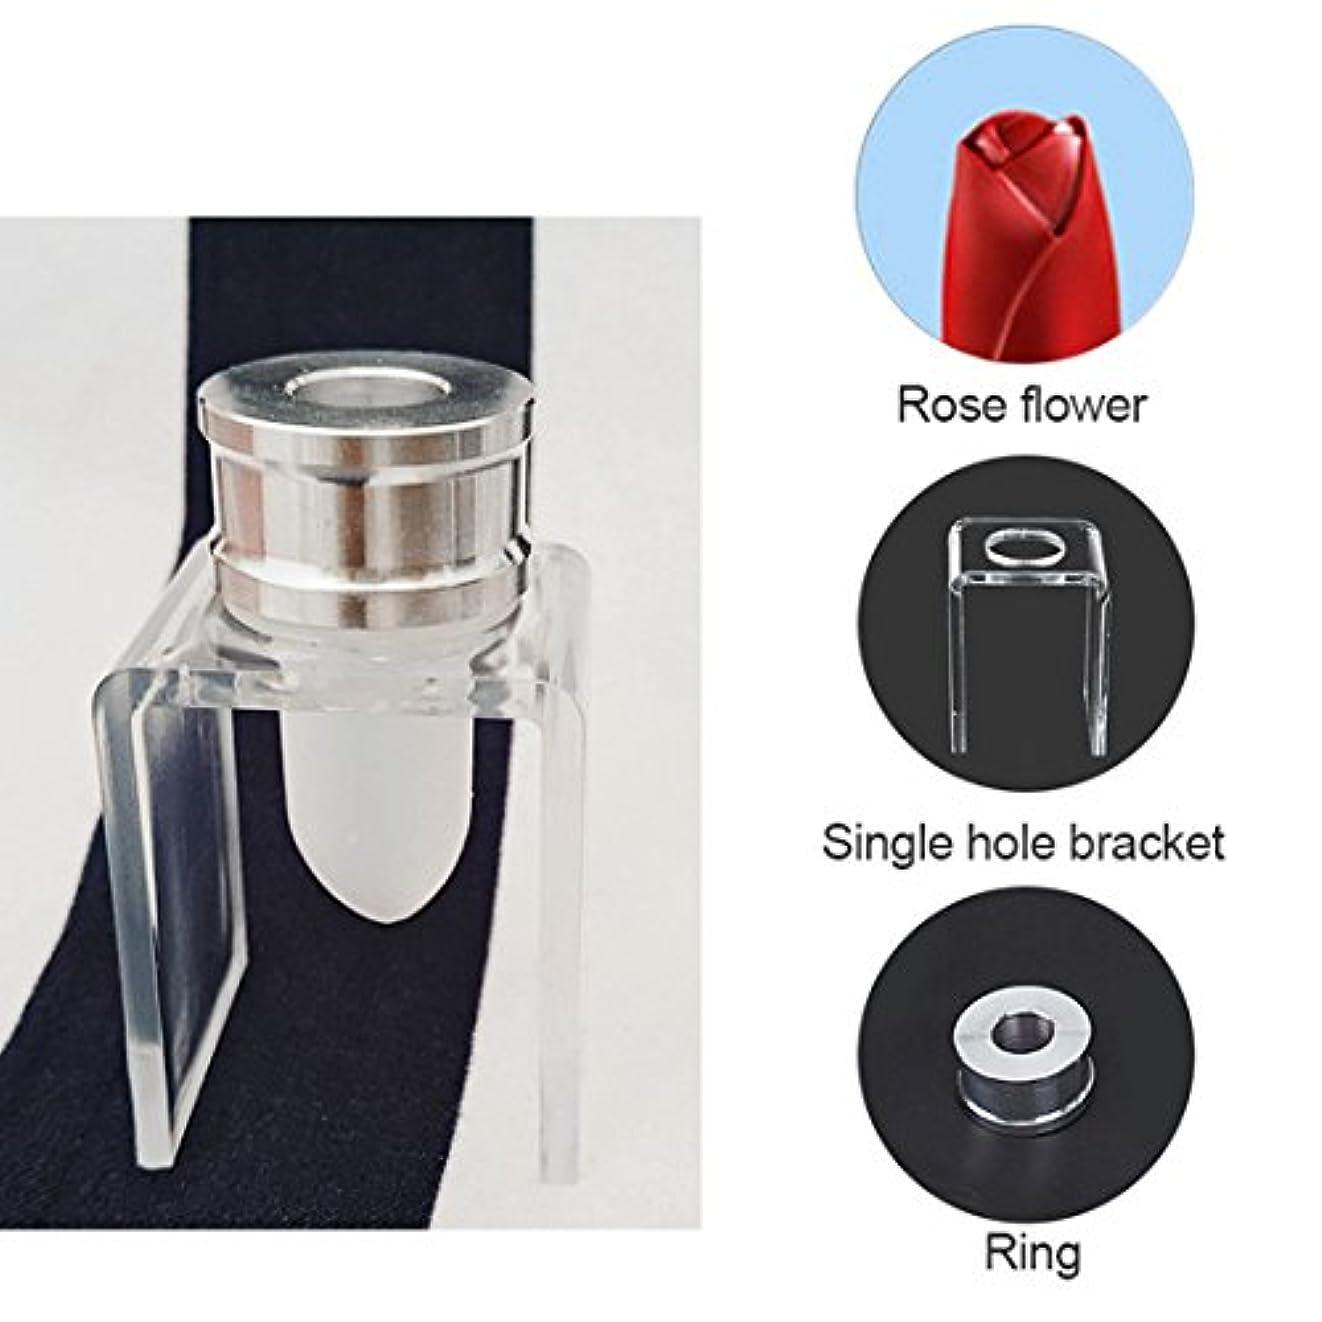 クリエイティブに同意する貧しいSODIAL 3セット DIY 12.1mm シンプルな口紅の充填チューブ シリコーン金型 アルミリング シングルホールブラケット 手作りの口紅ツール シンプルなセット バラ